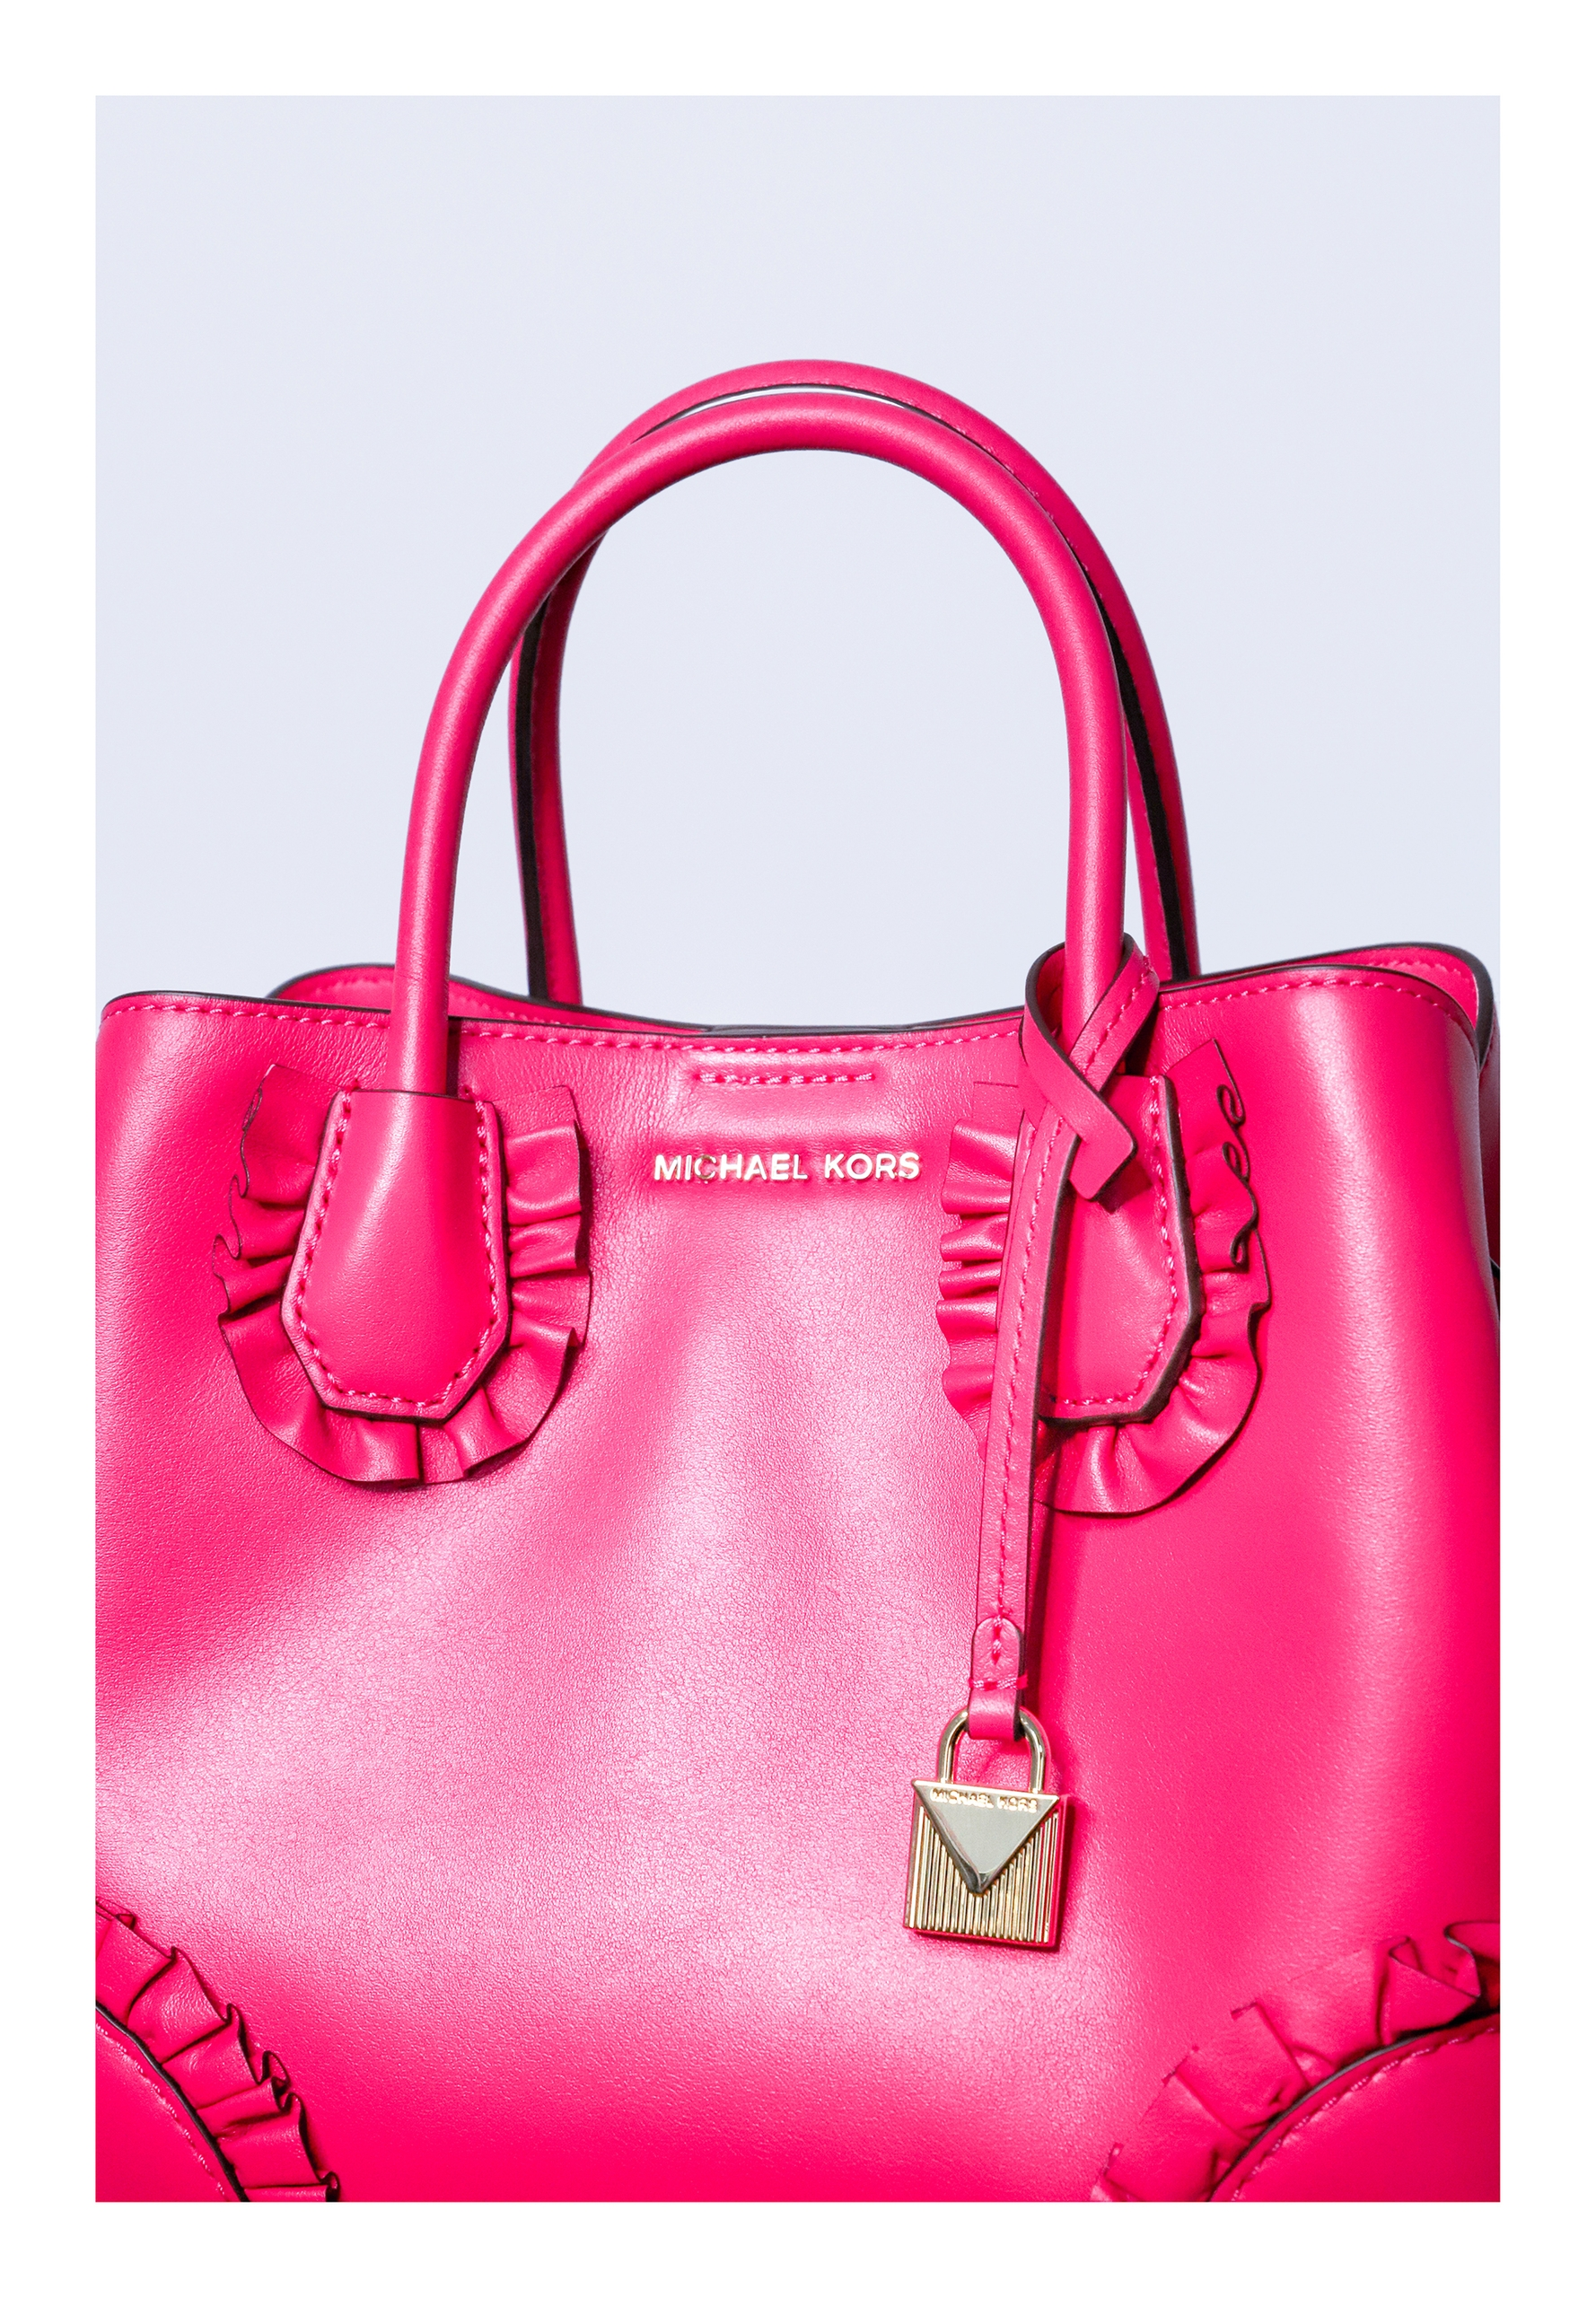 Zdjęcie przedstawia fragment różowej torebki na jasnym tle.